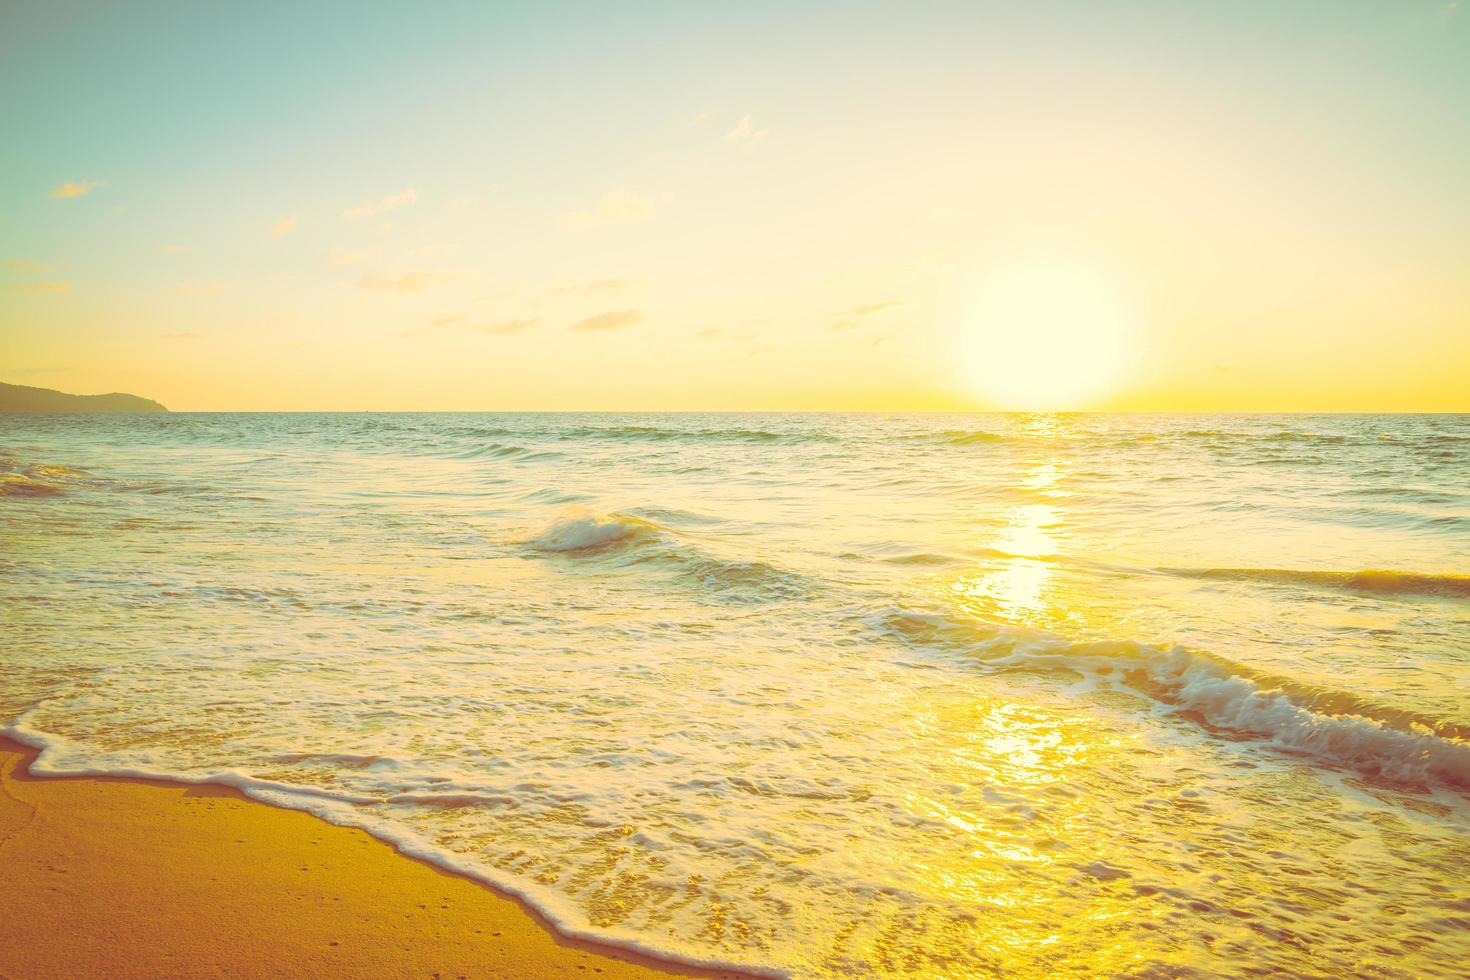 Sonnenuntergang mit Meer und Strand foto